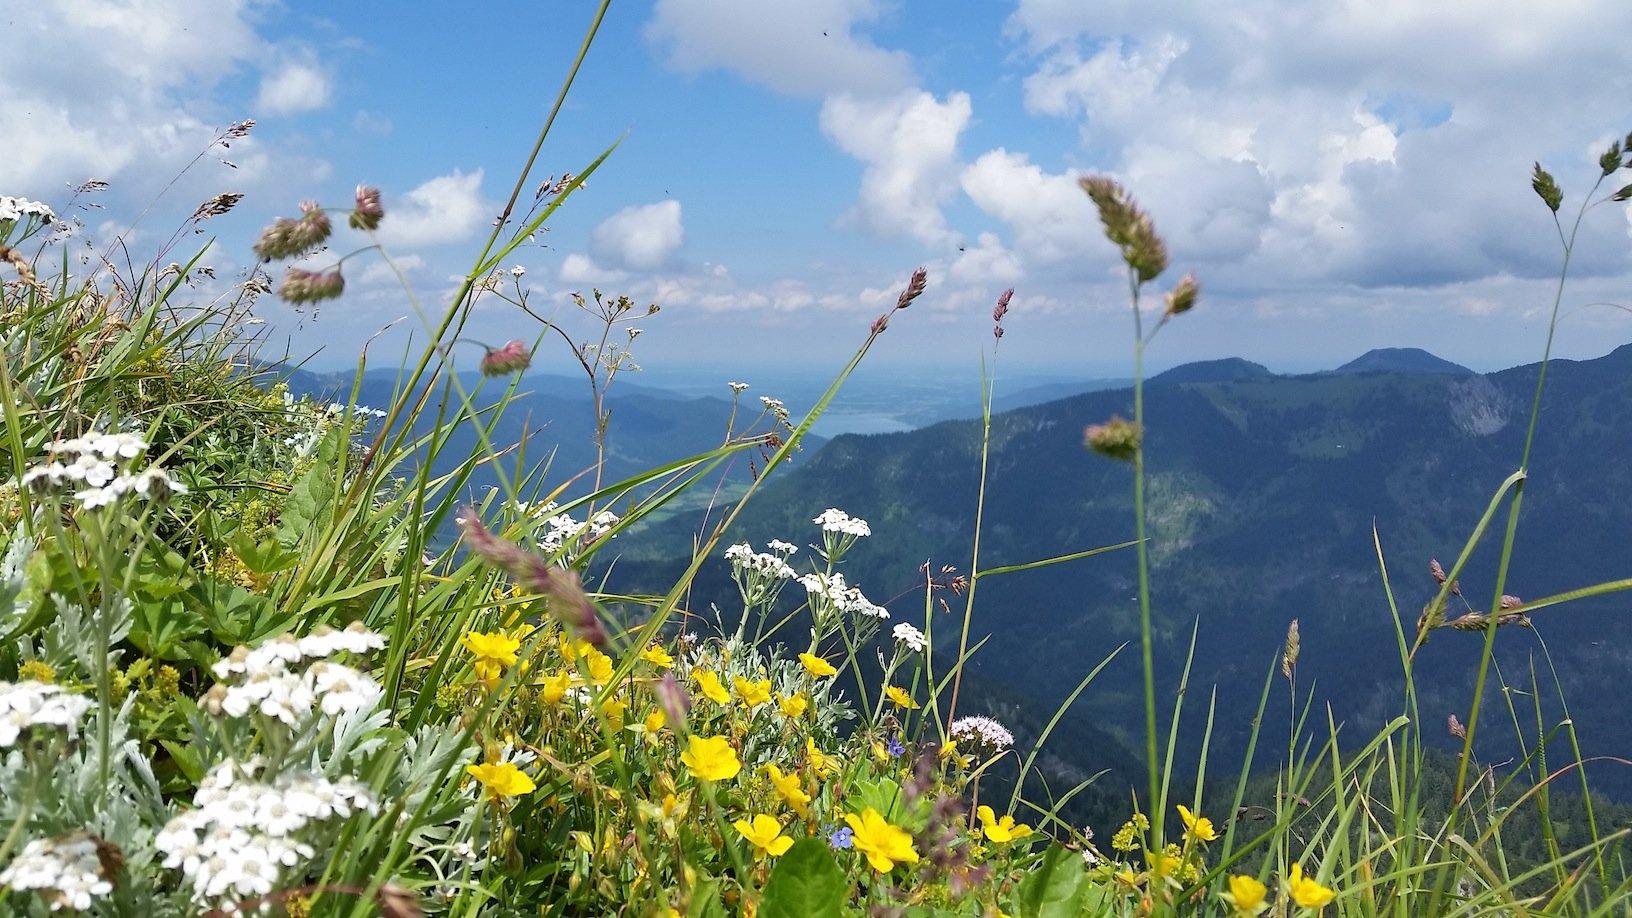 Ziele – Halserspitz (1.862m): Mittelschwere Rundtour auf den höchsten Gipfel der Blauberge